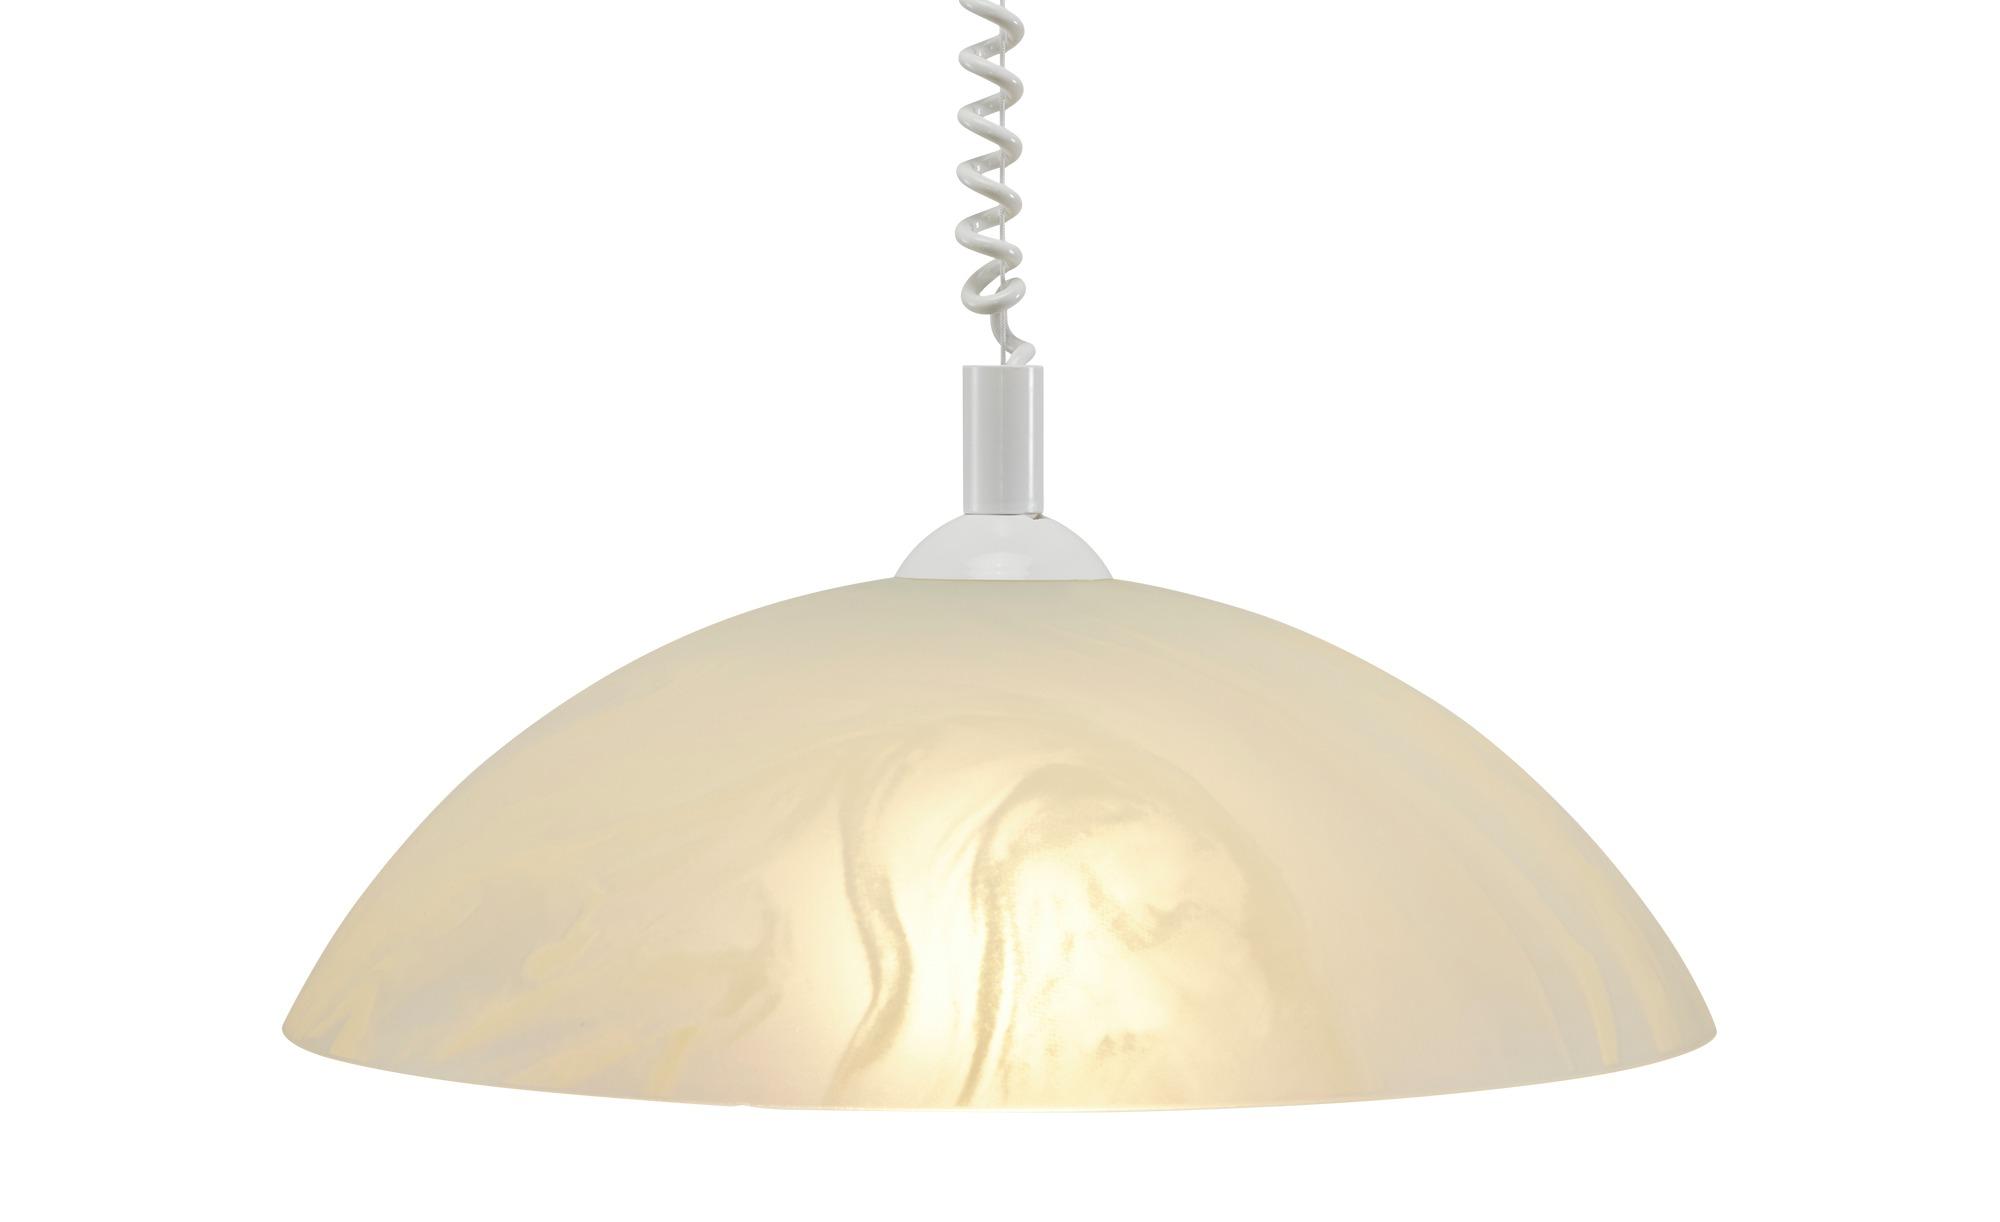 Pendelleuchte, 1-flammig, Glas Alabaster braun ¦ weiß ¦ Maße (cm): H: 100 Ø: 43 Lampen & Leuchten > Innenleuchten > Pendelleuchten - Höffner